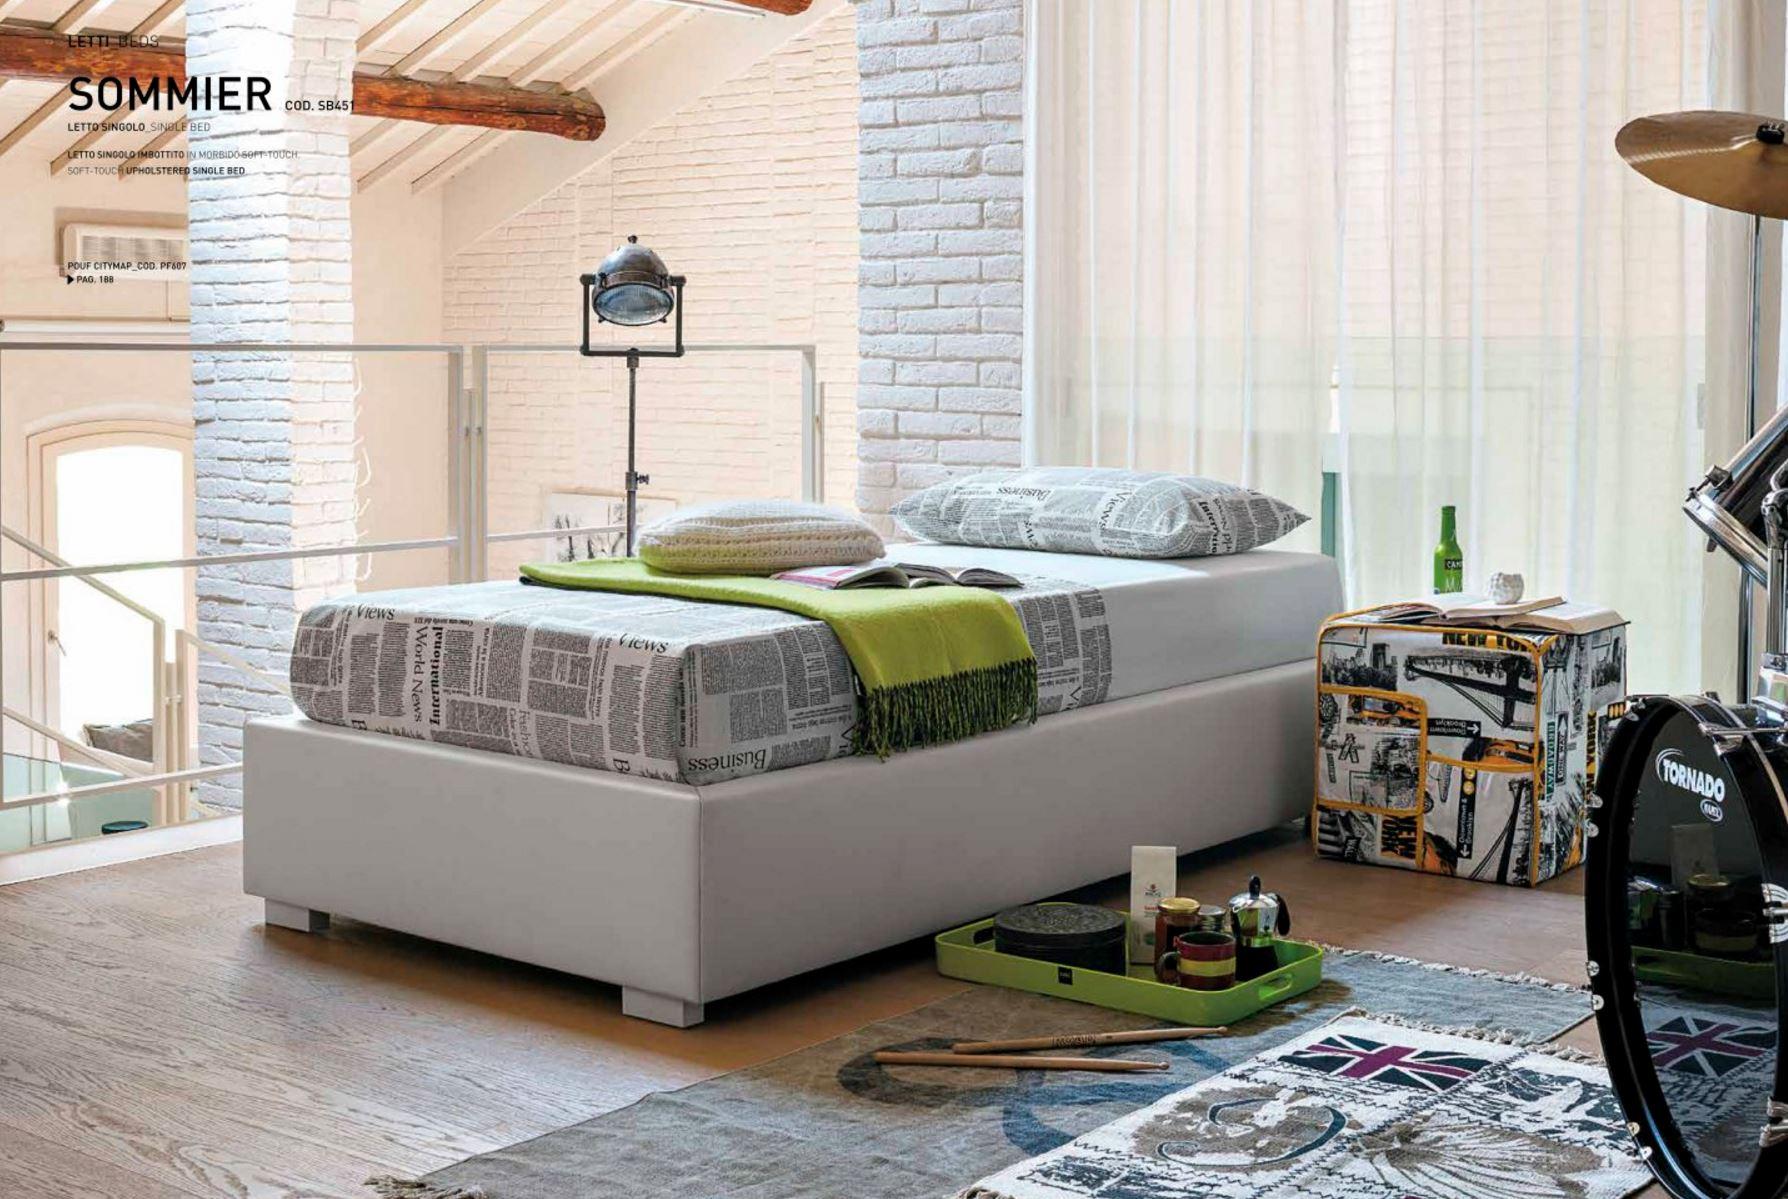 Bedroom - Target Point 02.JPG